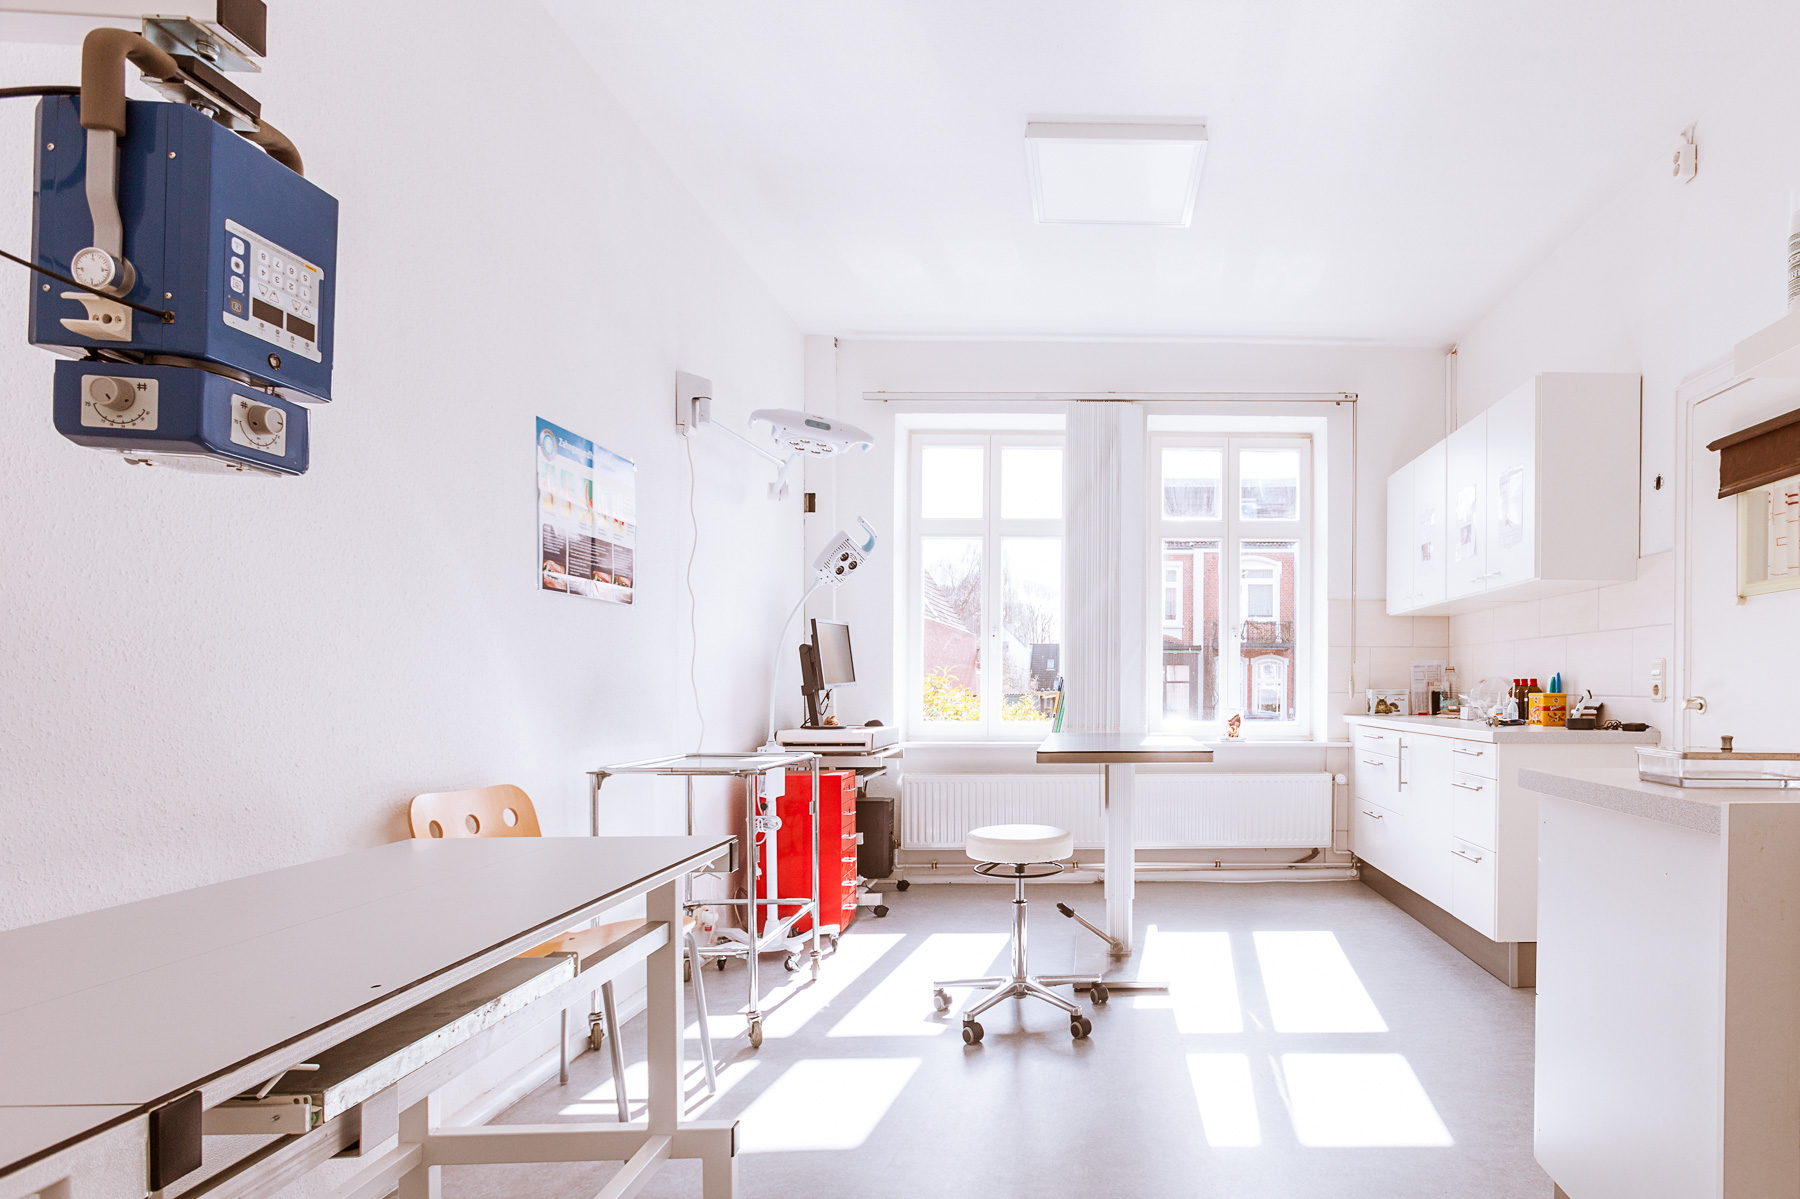 Der Röntgenraum, der auch als Behandlungszimmer benutzt wird